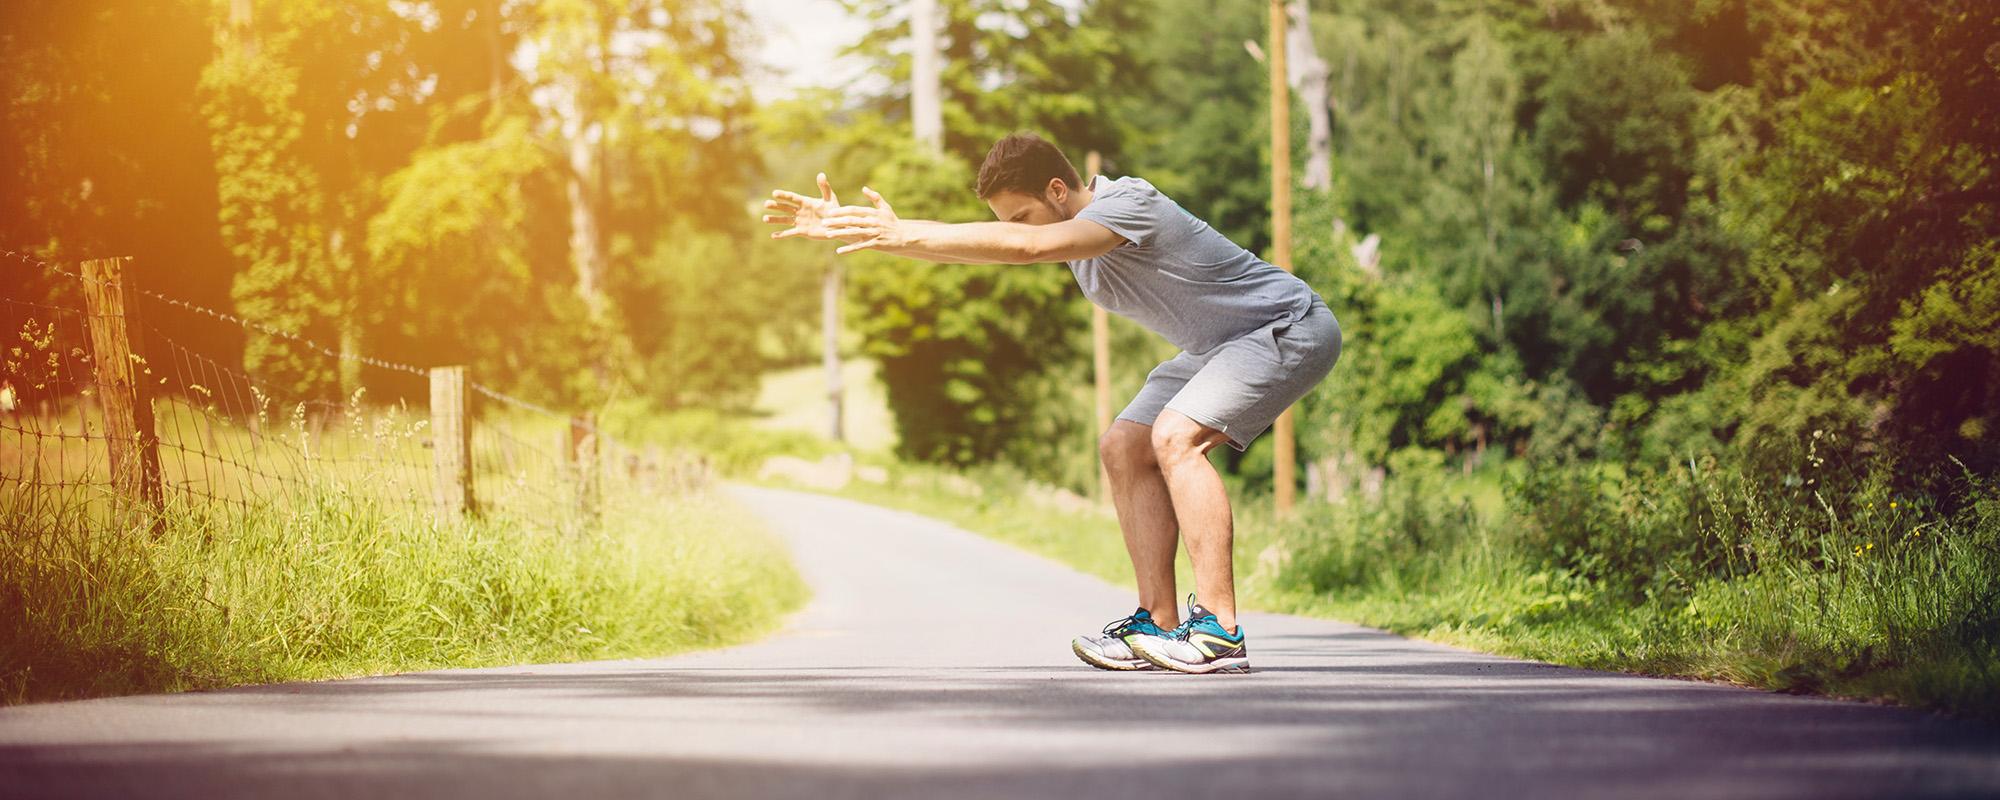 """Das beste """"Fitnessgerät"""" ist der eigene Körper! Bei unseren Trainings erfahren Sie dessen Vielfältigkeit"""